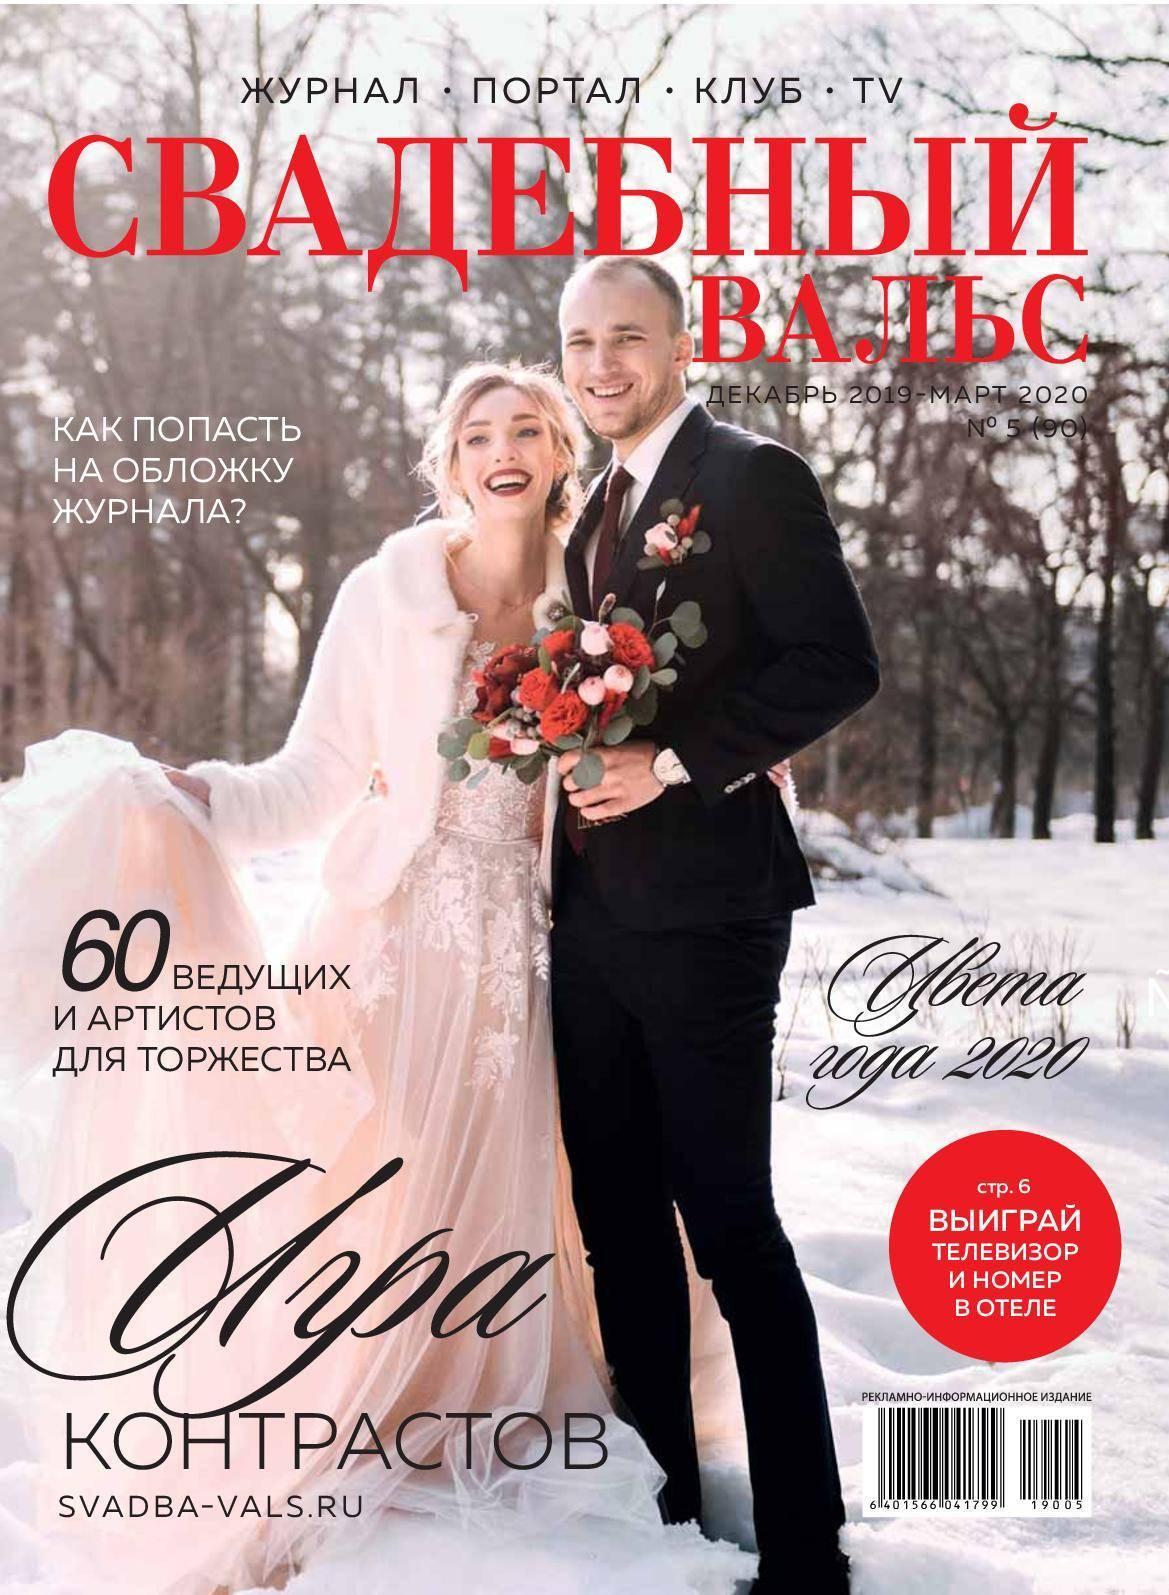 Белое свадебное платье 2020 – стильная классика